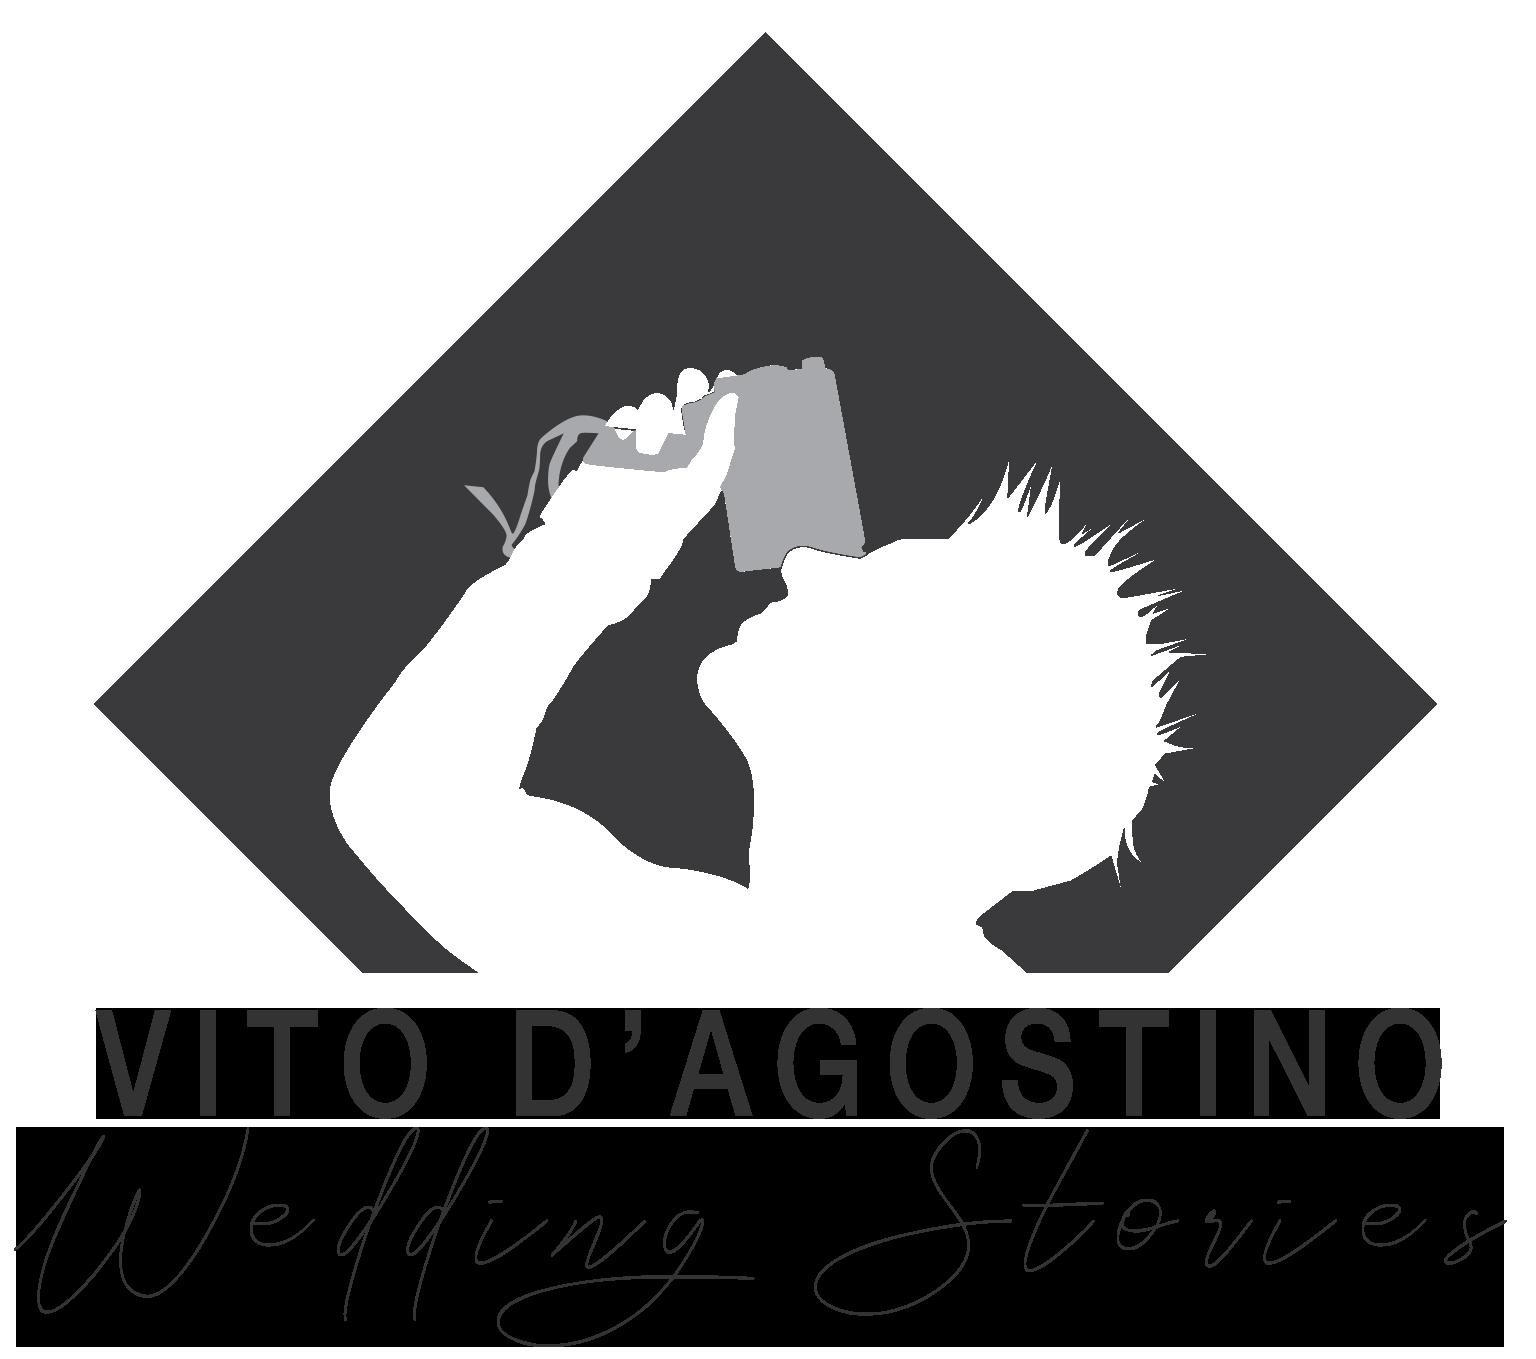 Vito D'Agostino